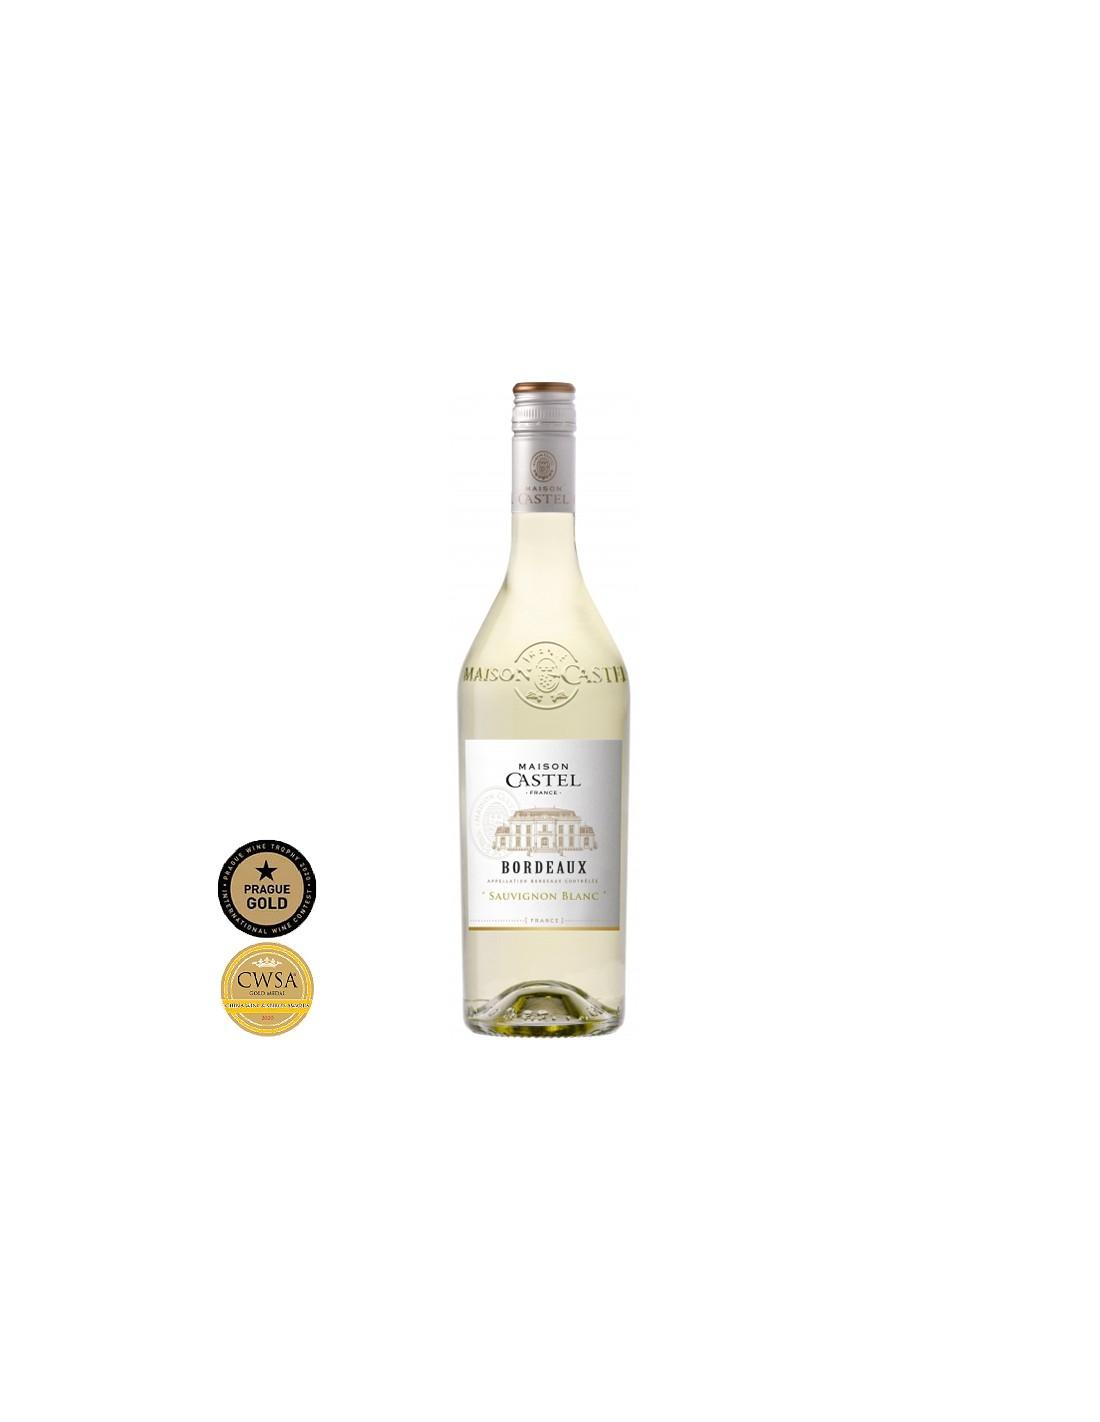 Vin alb, Sauvignon Blanc, Maison Castel Bordeaux, 0.75L, 12% alc., Franta